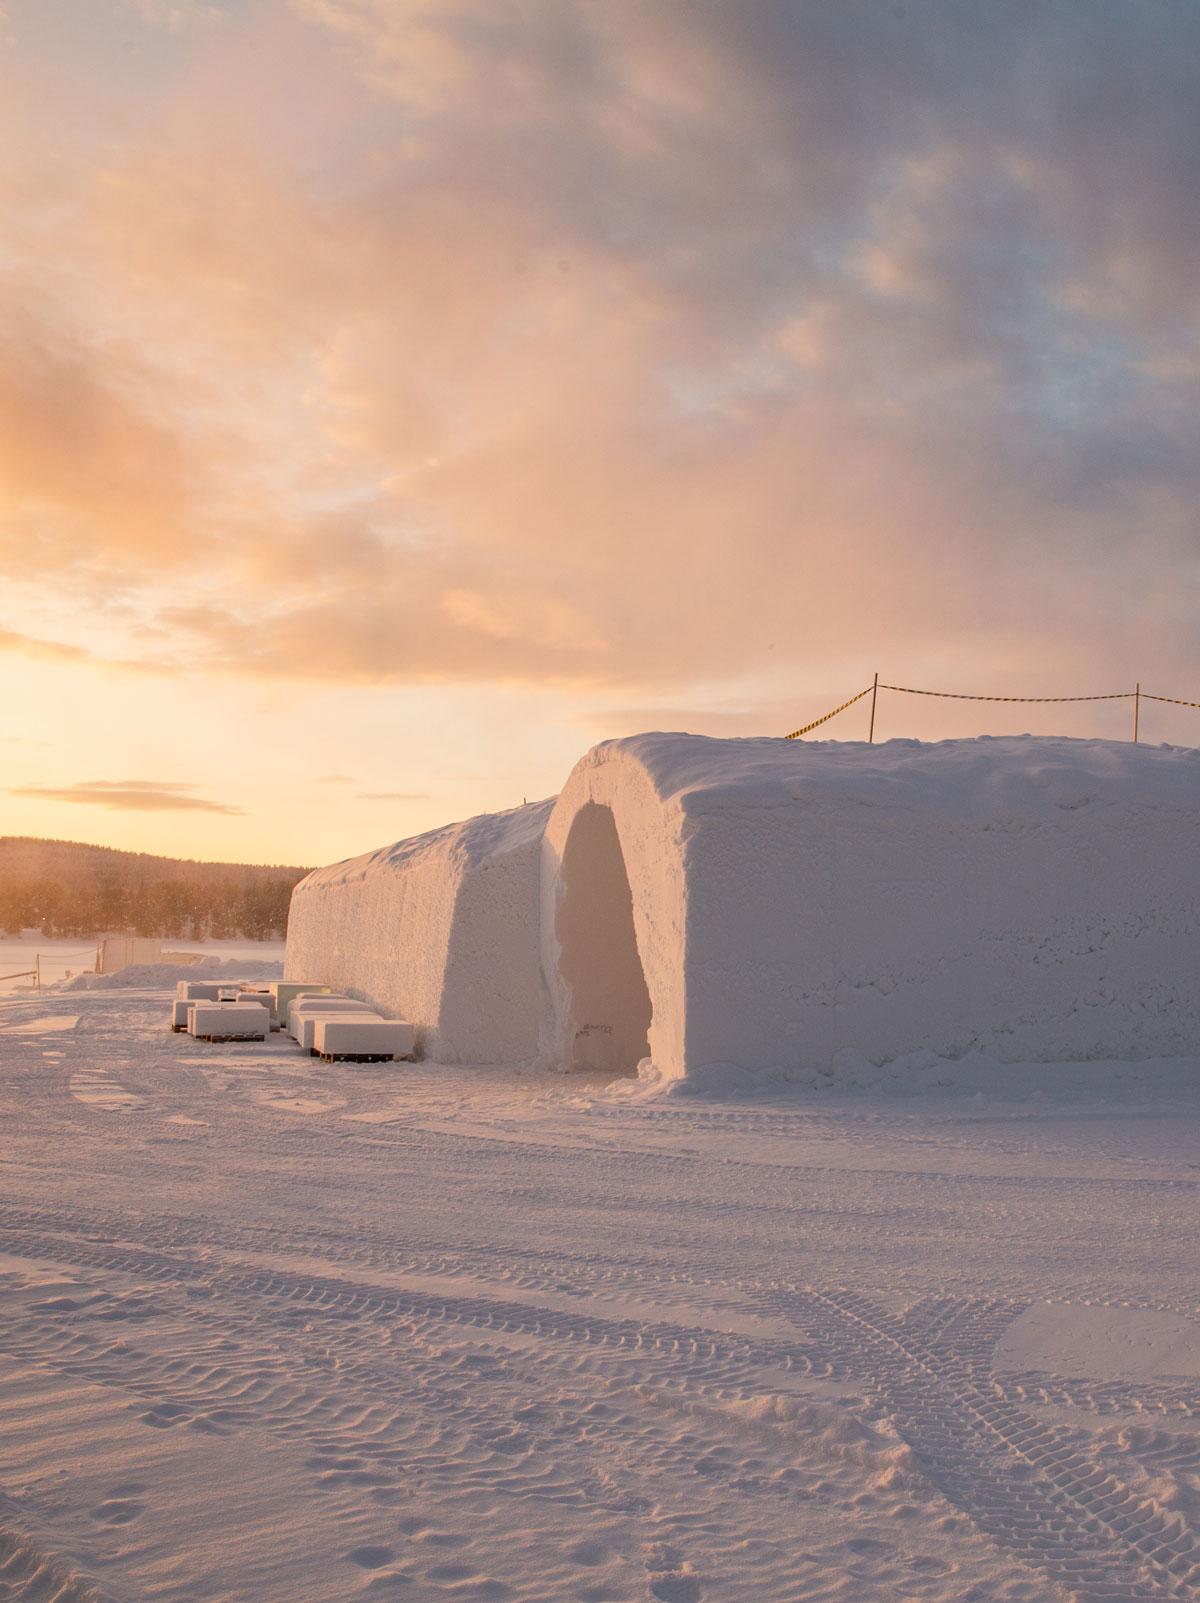 Vinterhotellet i Kiruna under opbygning